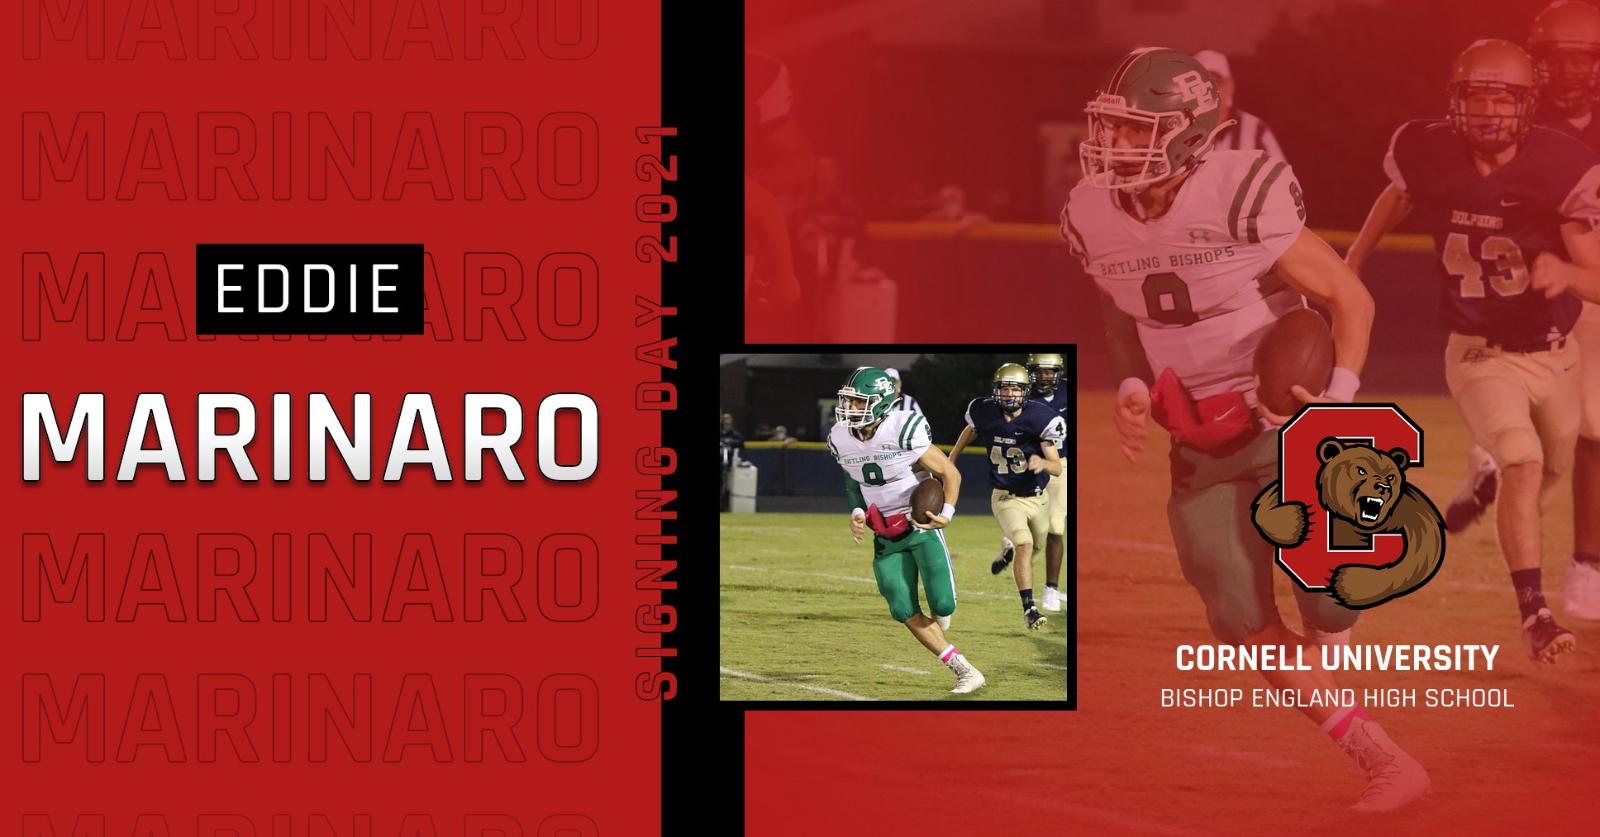 Congratulations to Eddie Marinaro